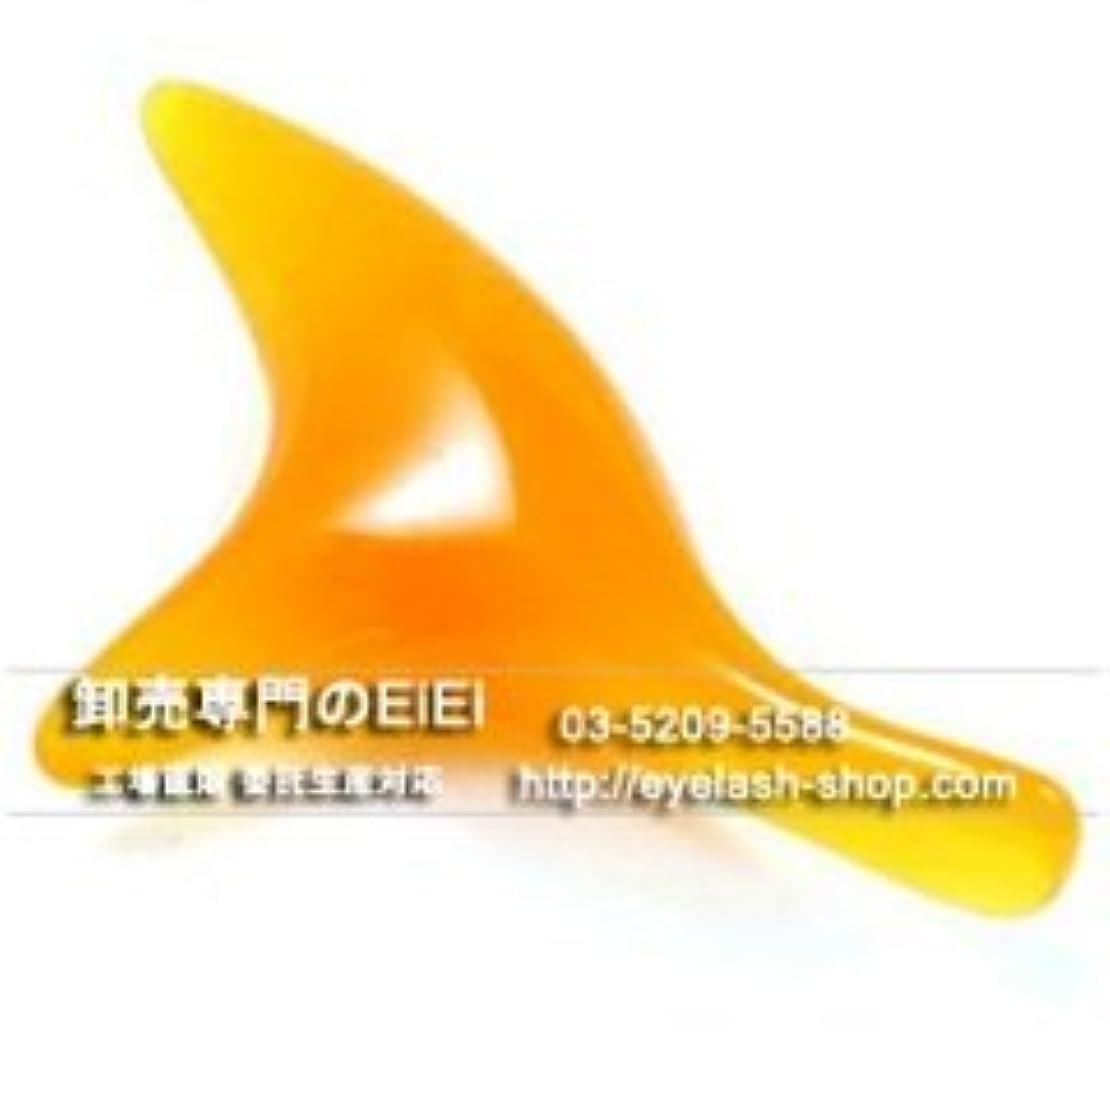 変形ますます回るかっさ板 蜜蝋かっさプレート 美容マッサージかっさ板 グアシャ板 C-12